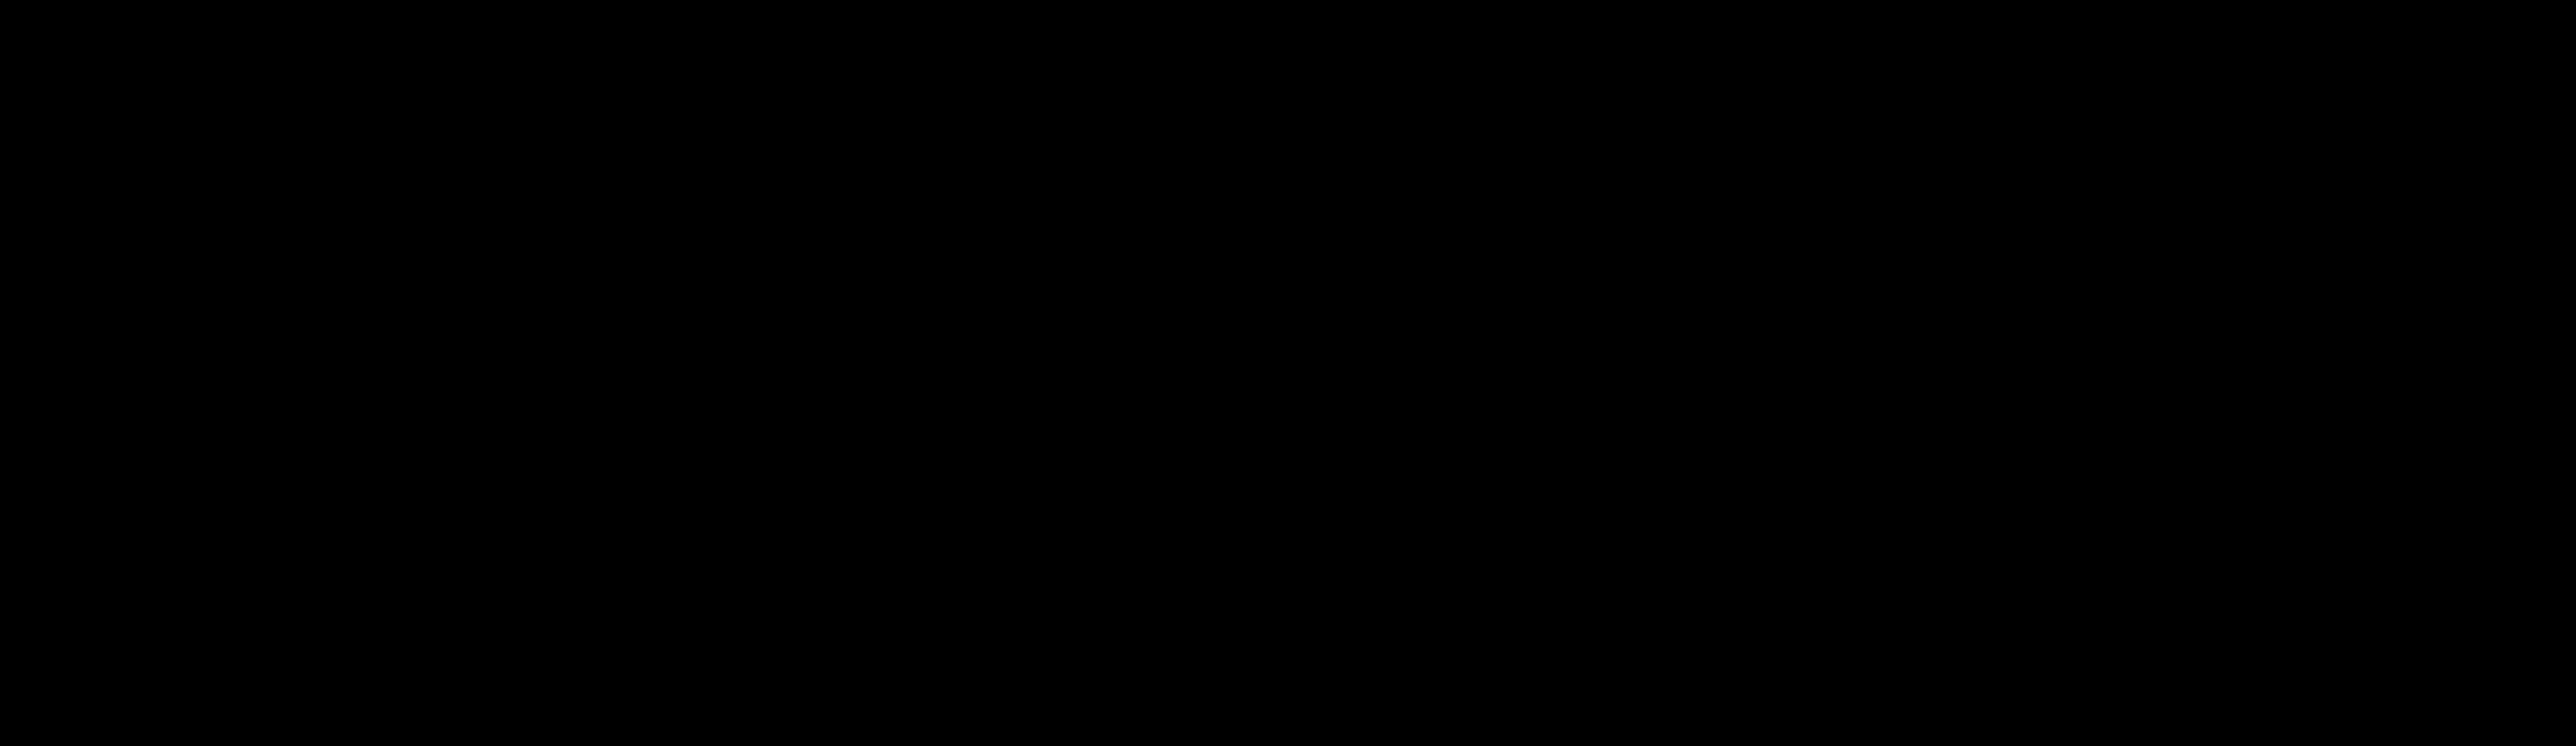 Сова, центр интелектуально развития